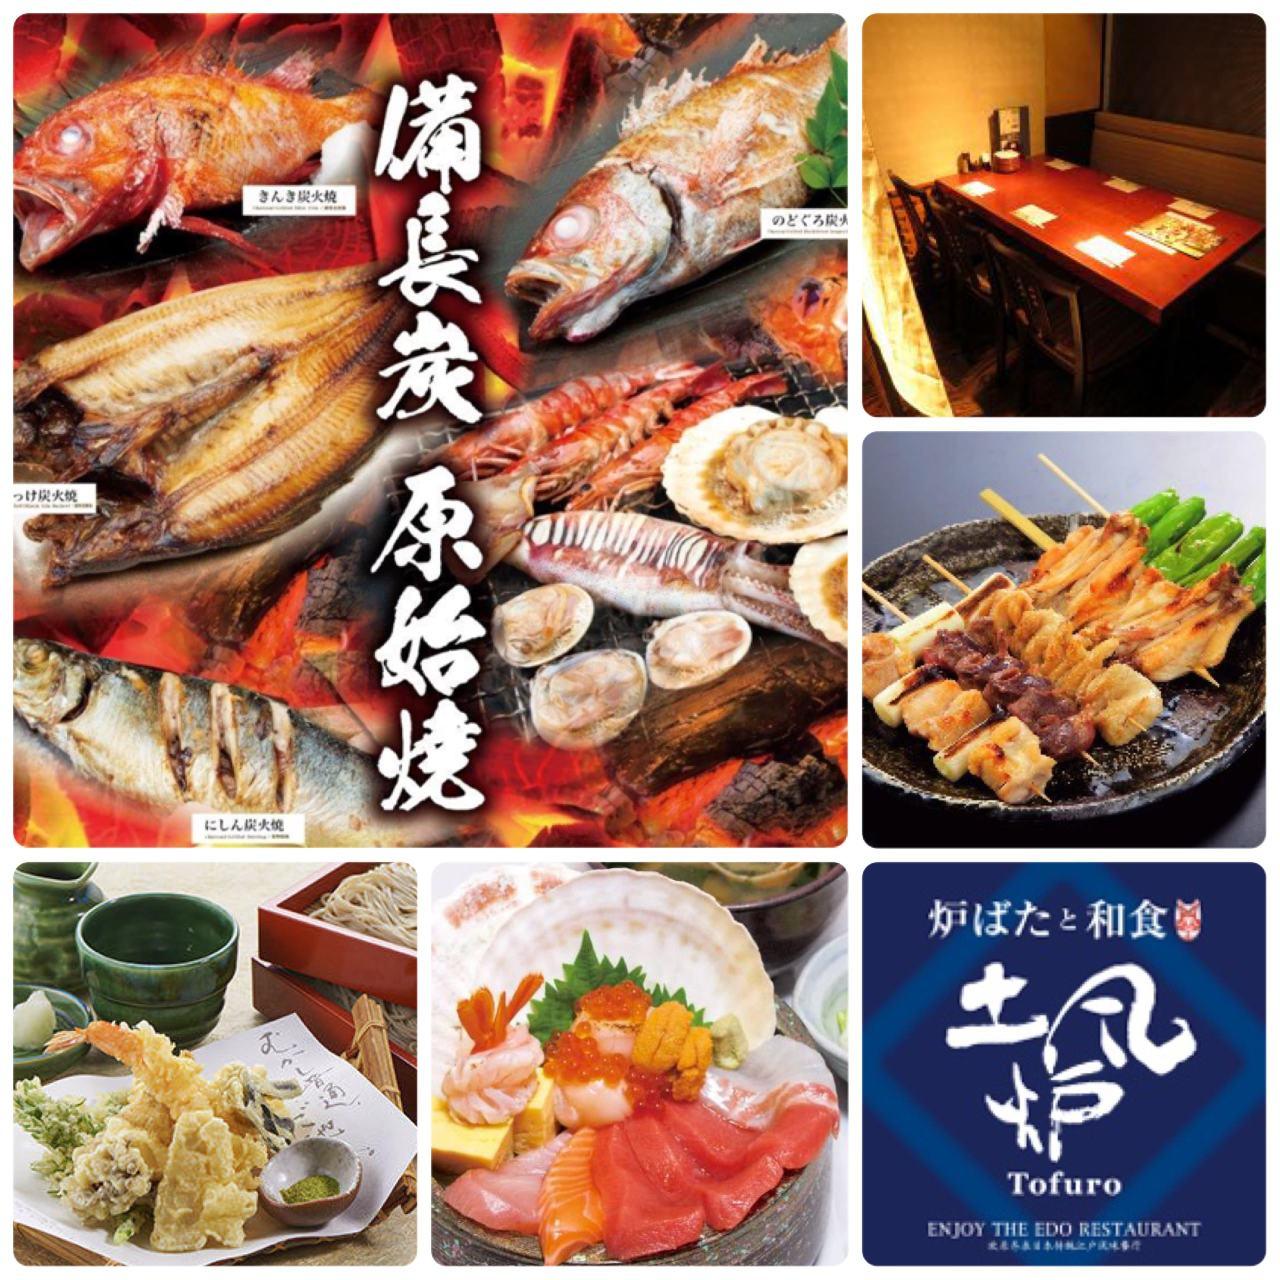 土風炉 ラスカ平塚店